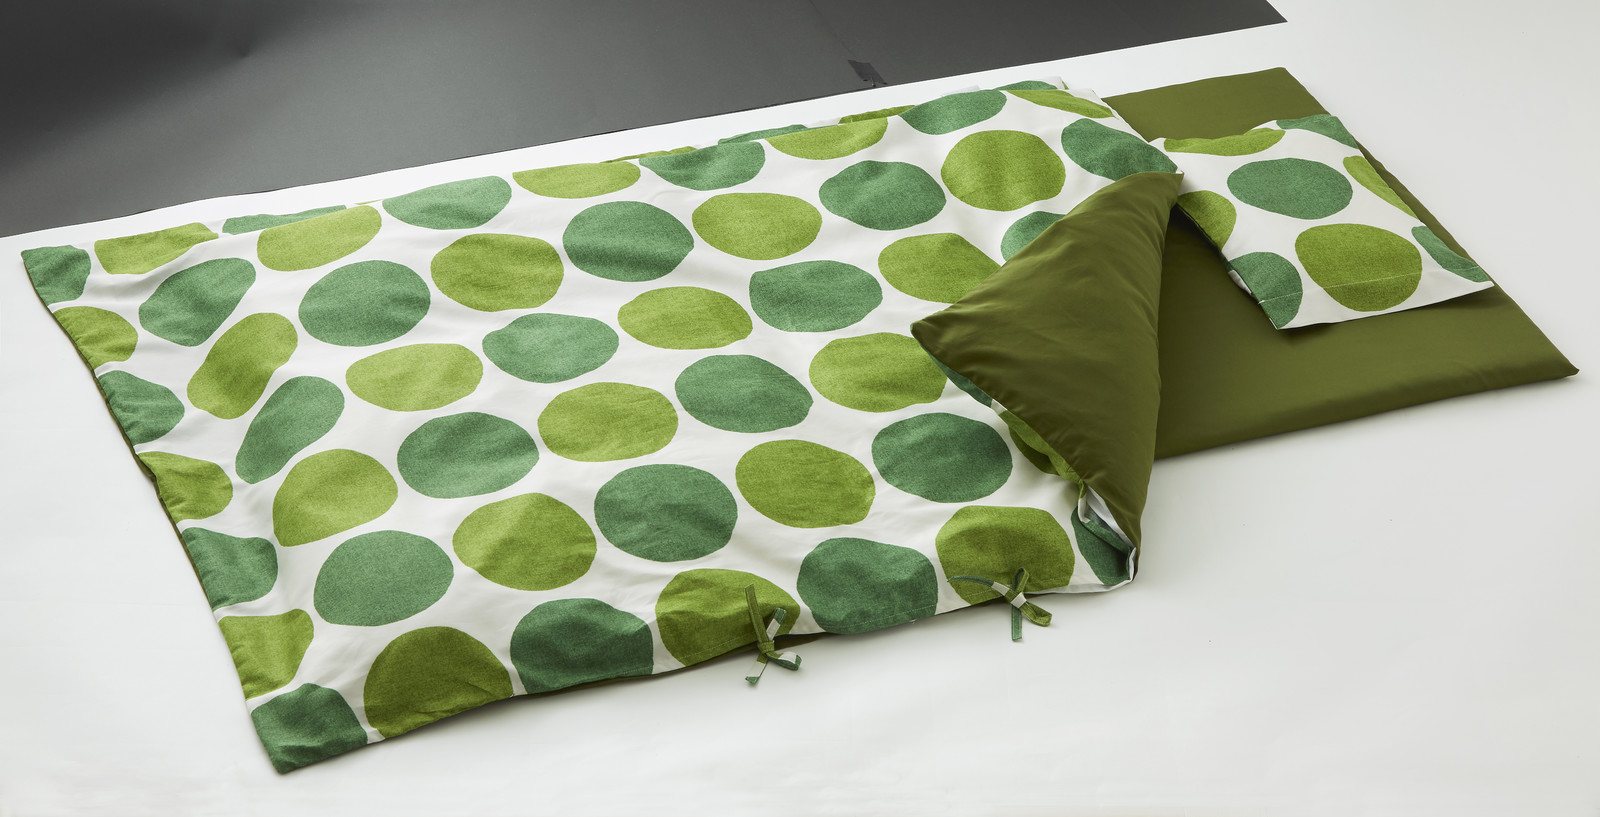 【送料無料】日本製ベビー用布団6点セットベビーサイズCharca(チャルカ) グリーン ドット